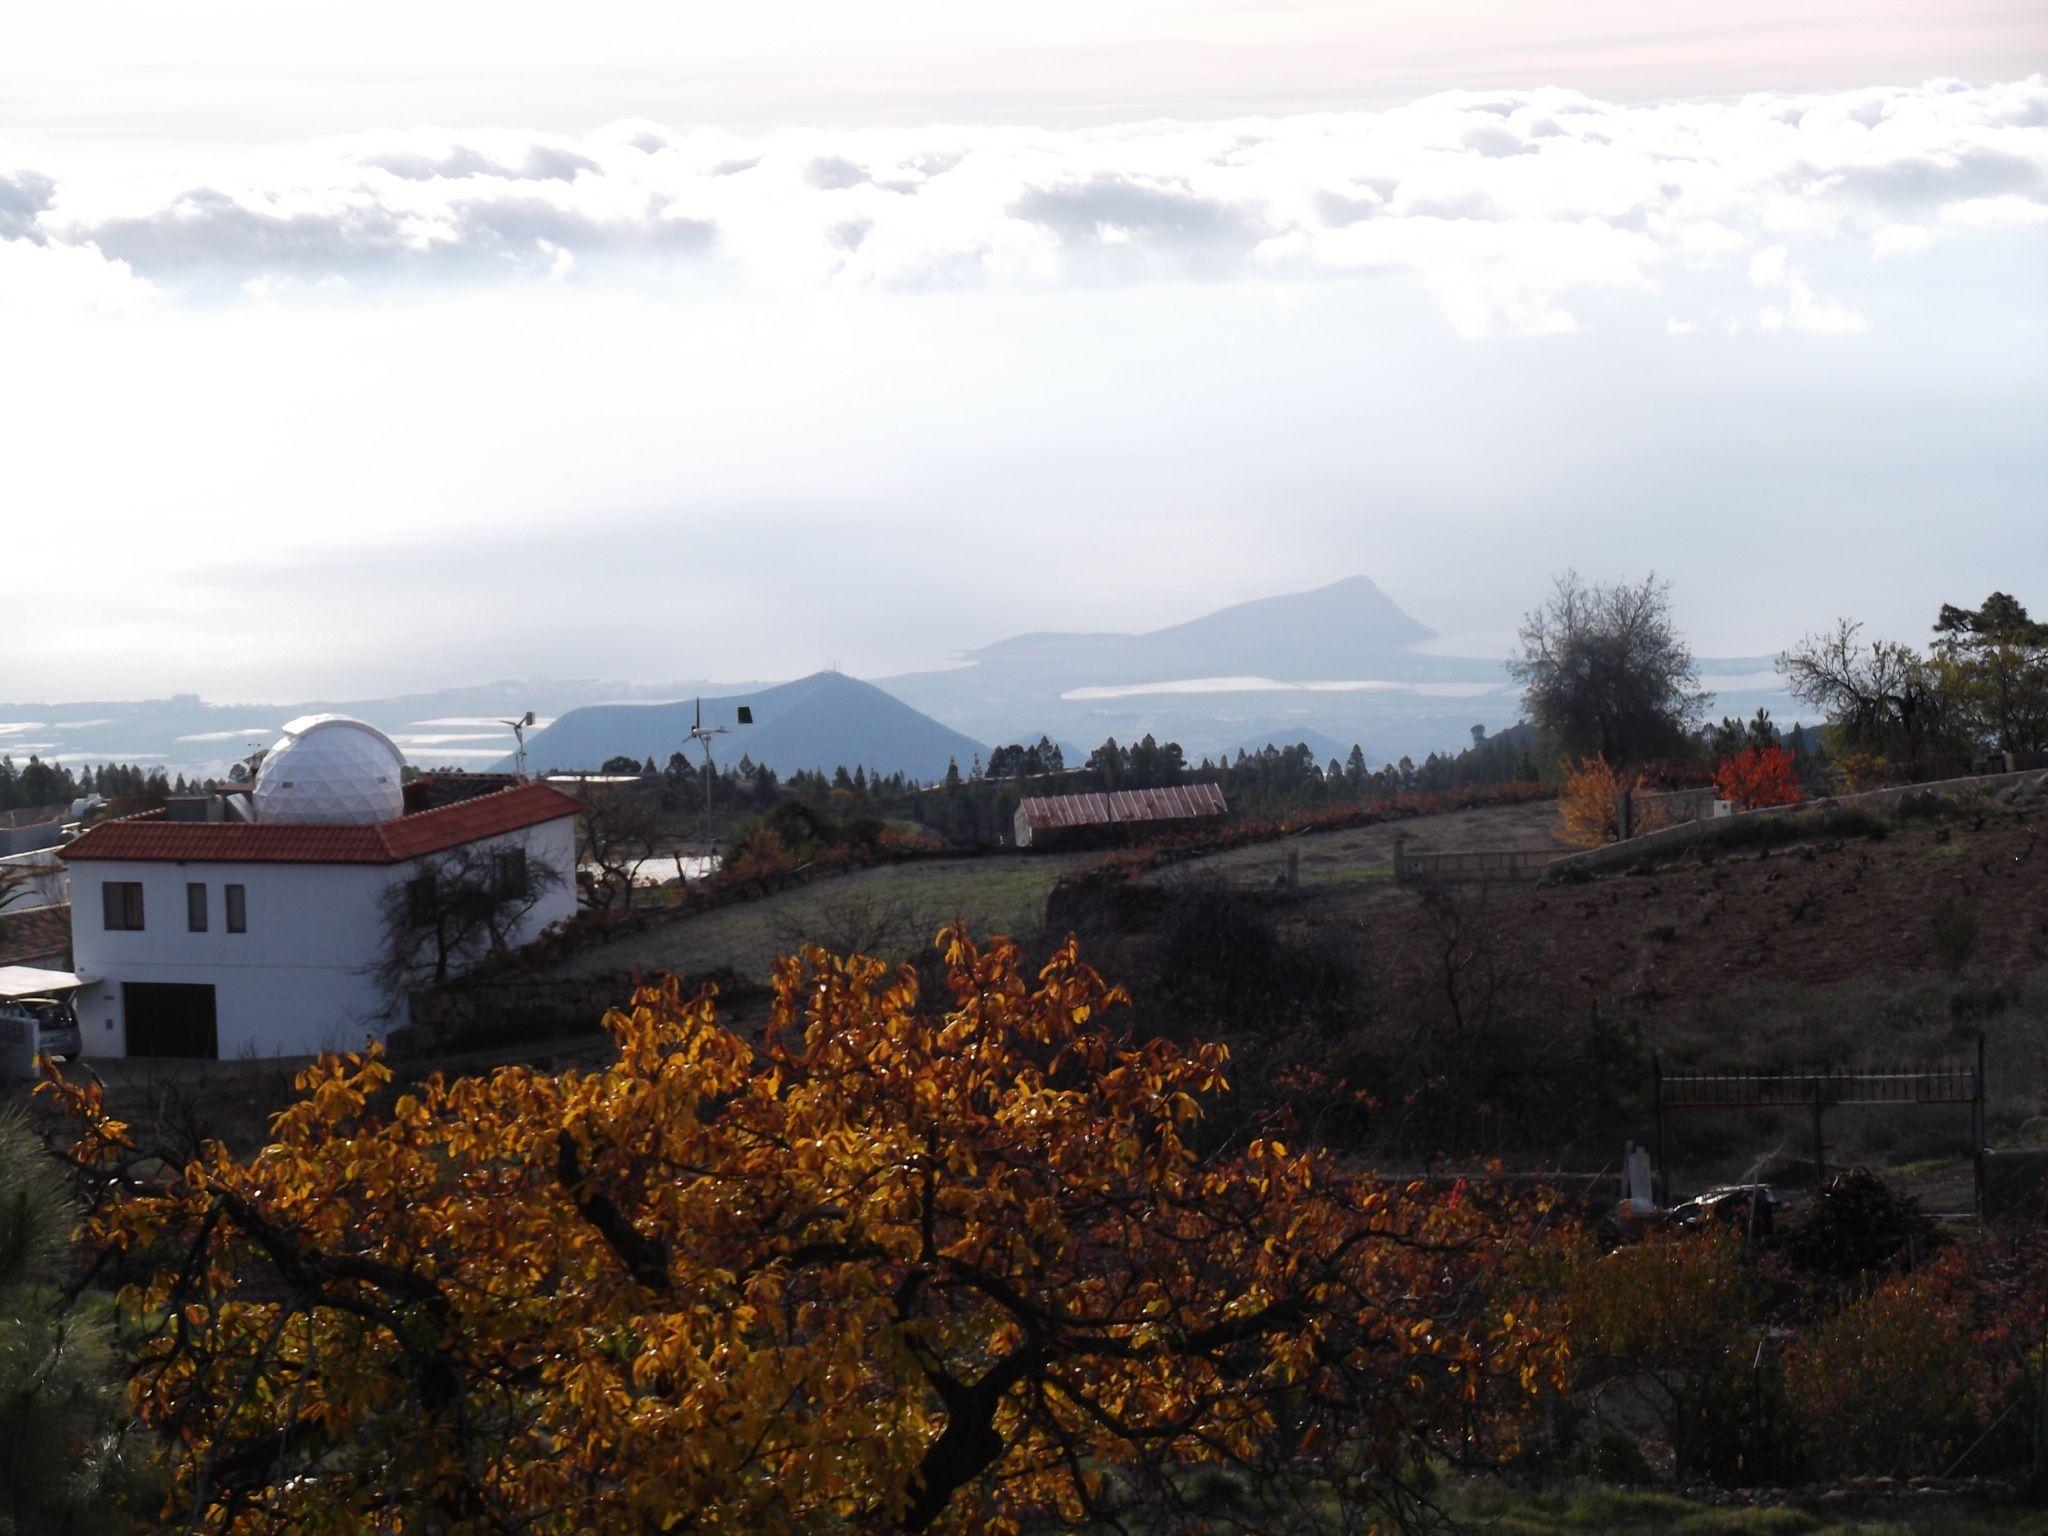 Looking down toward El Medano from Vilaflor